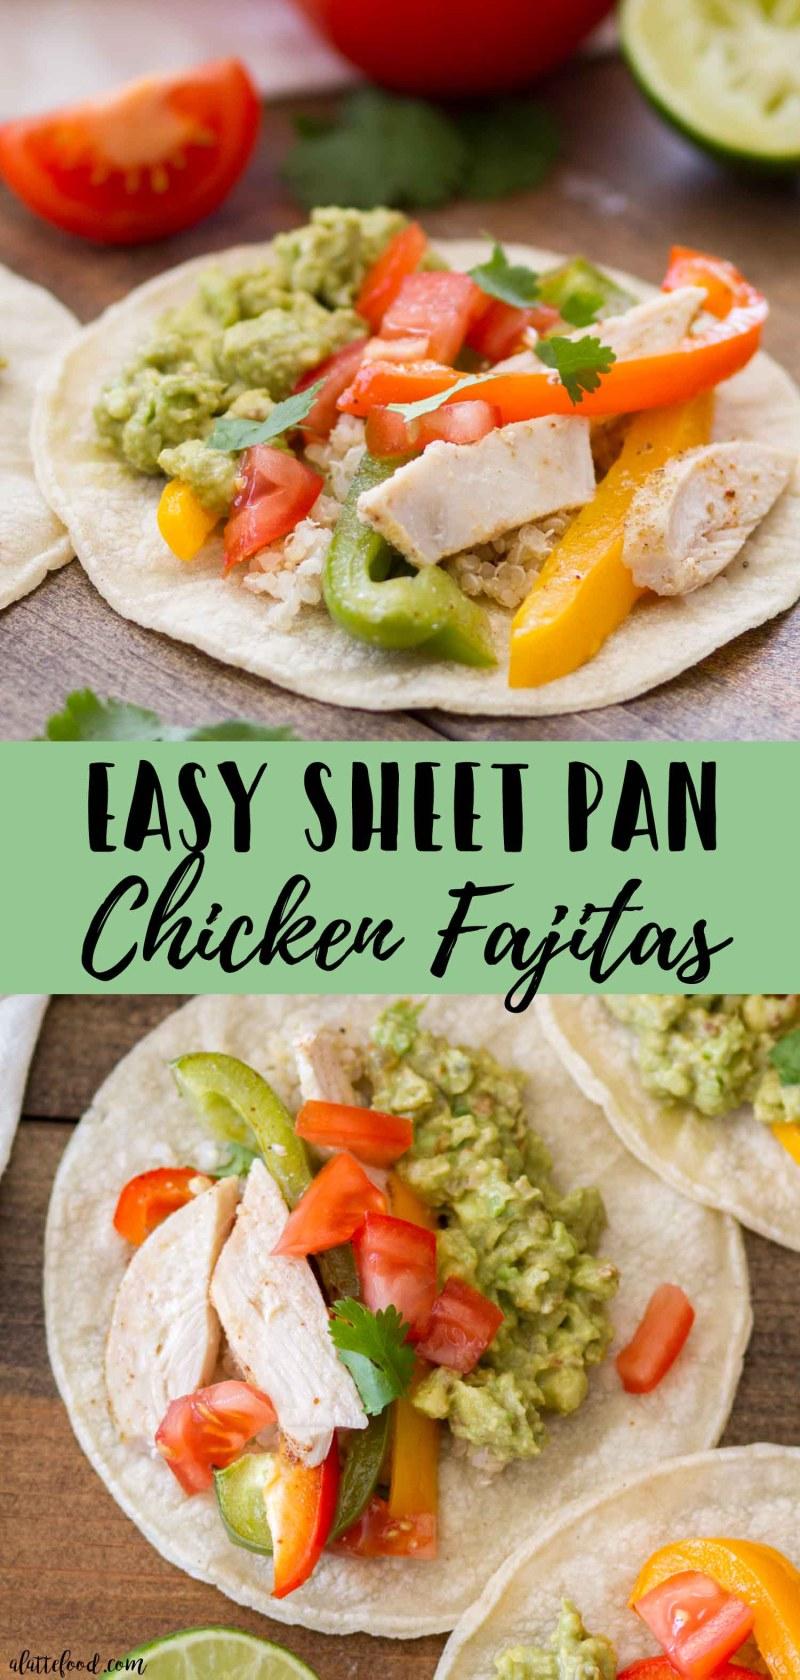 Easy Sheet Pan Chicken Fajitas -- collage photo of fajitas